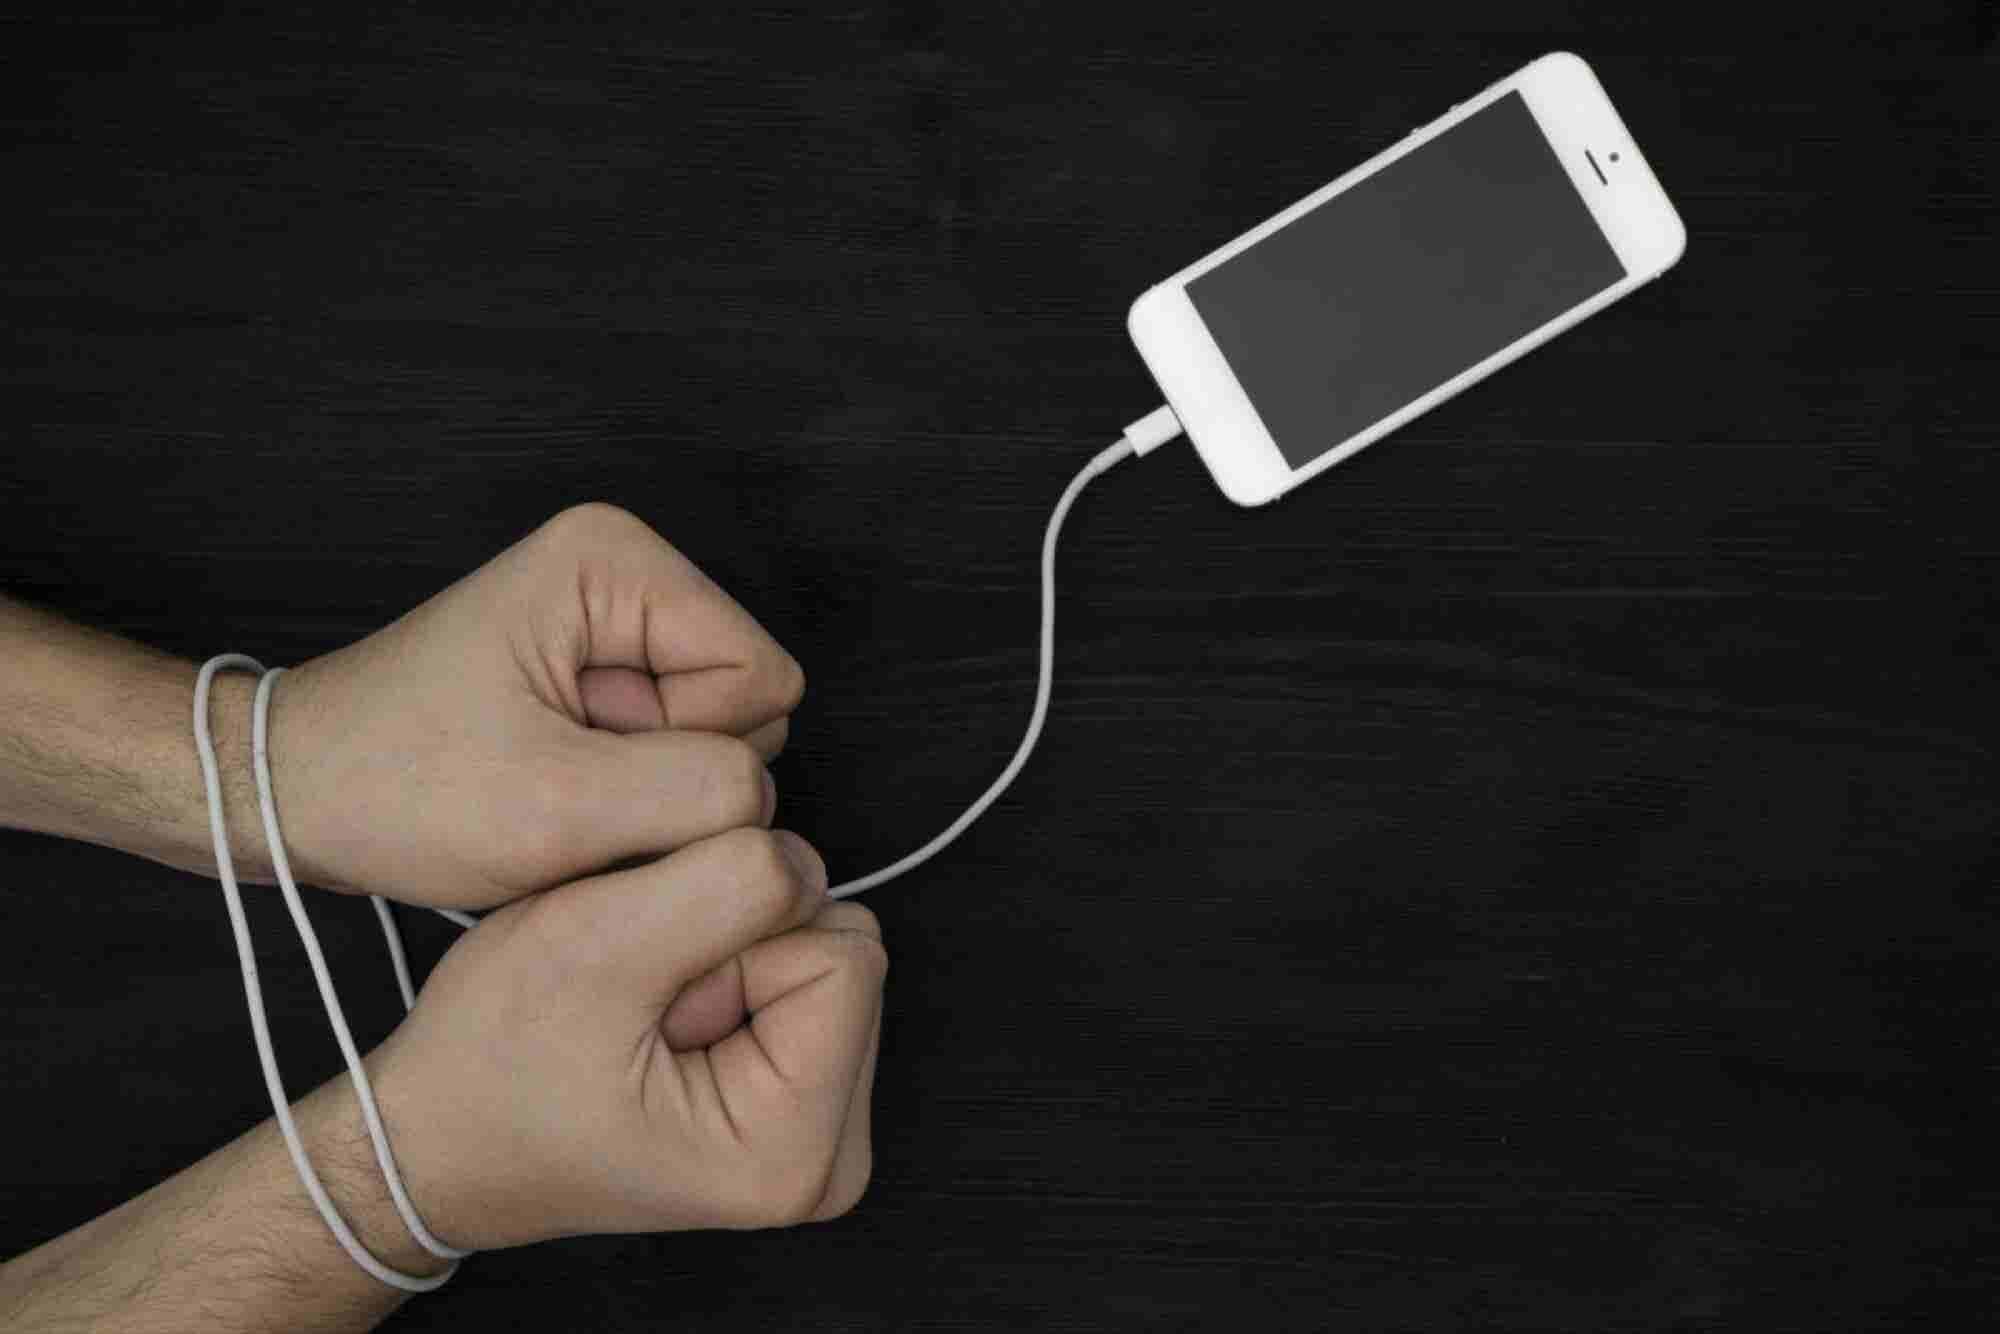 ¿Eres esclavo de tu celular? ¡Libérate!